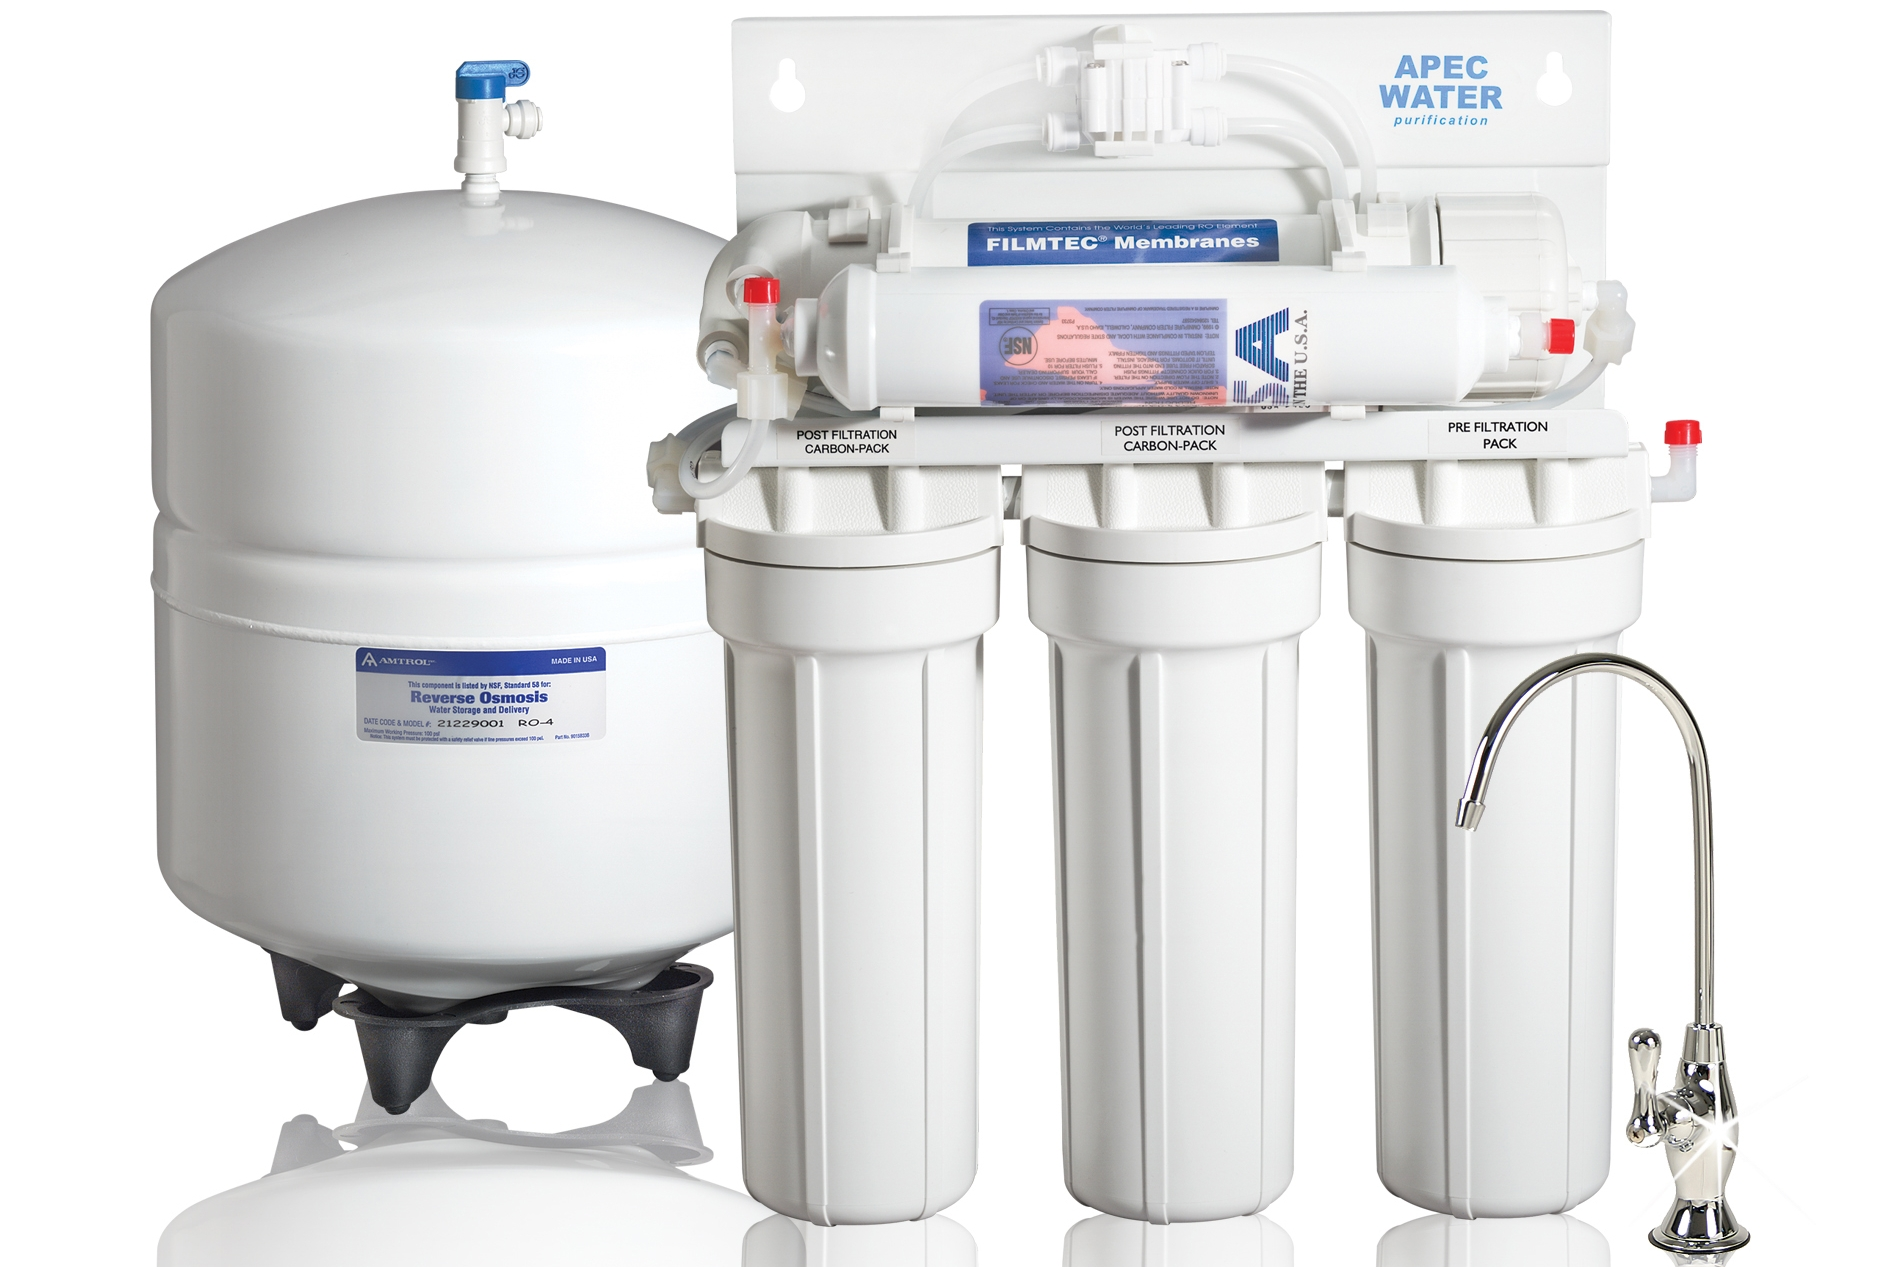 схема водонагревателя с фильтром